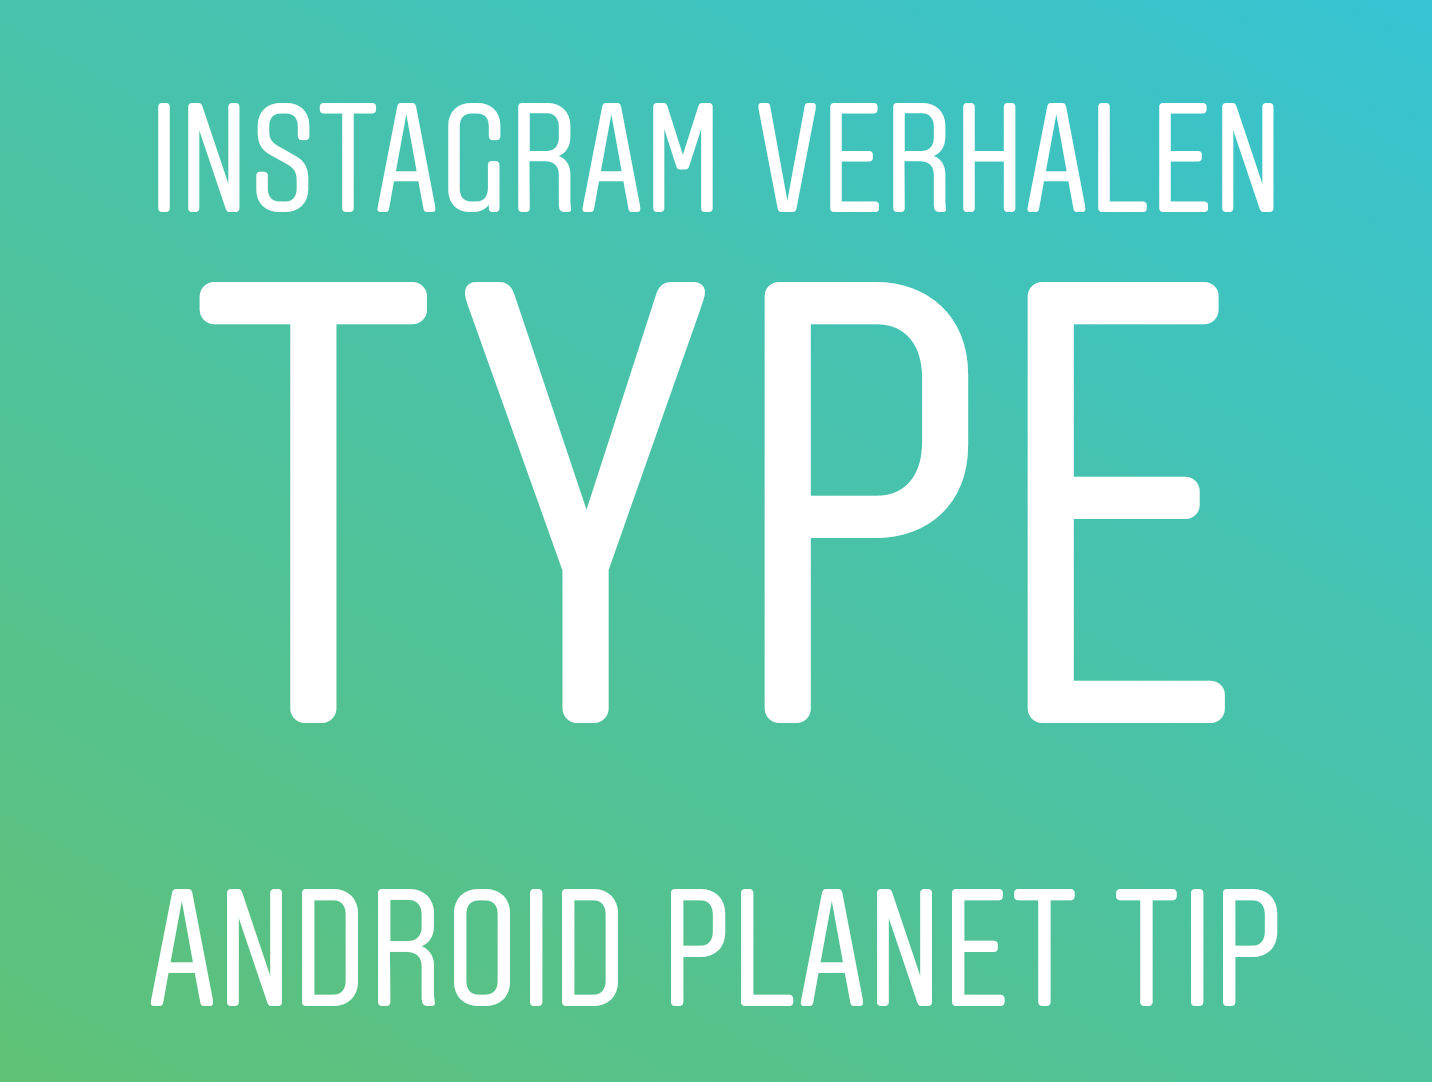 instagram verhalen type